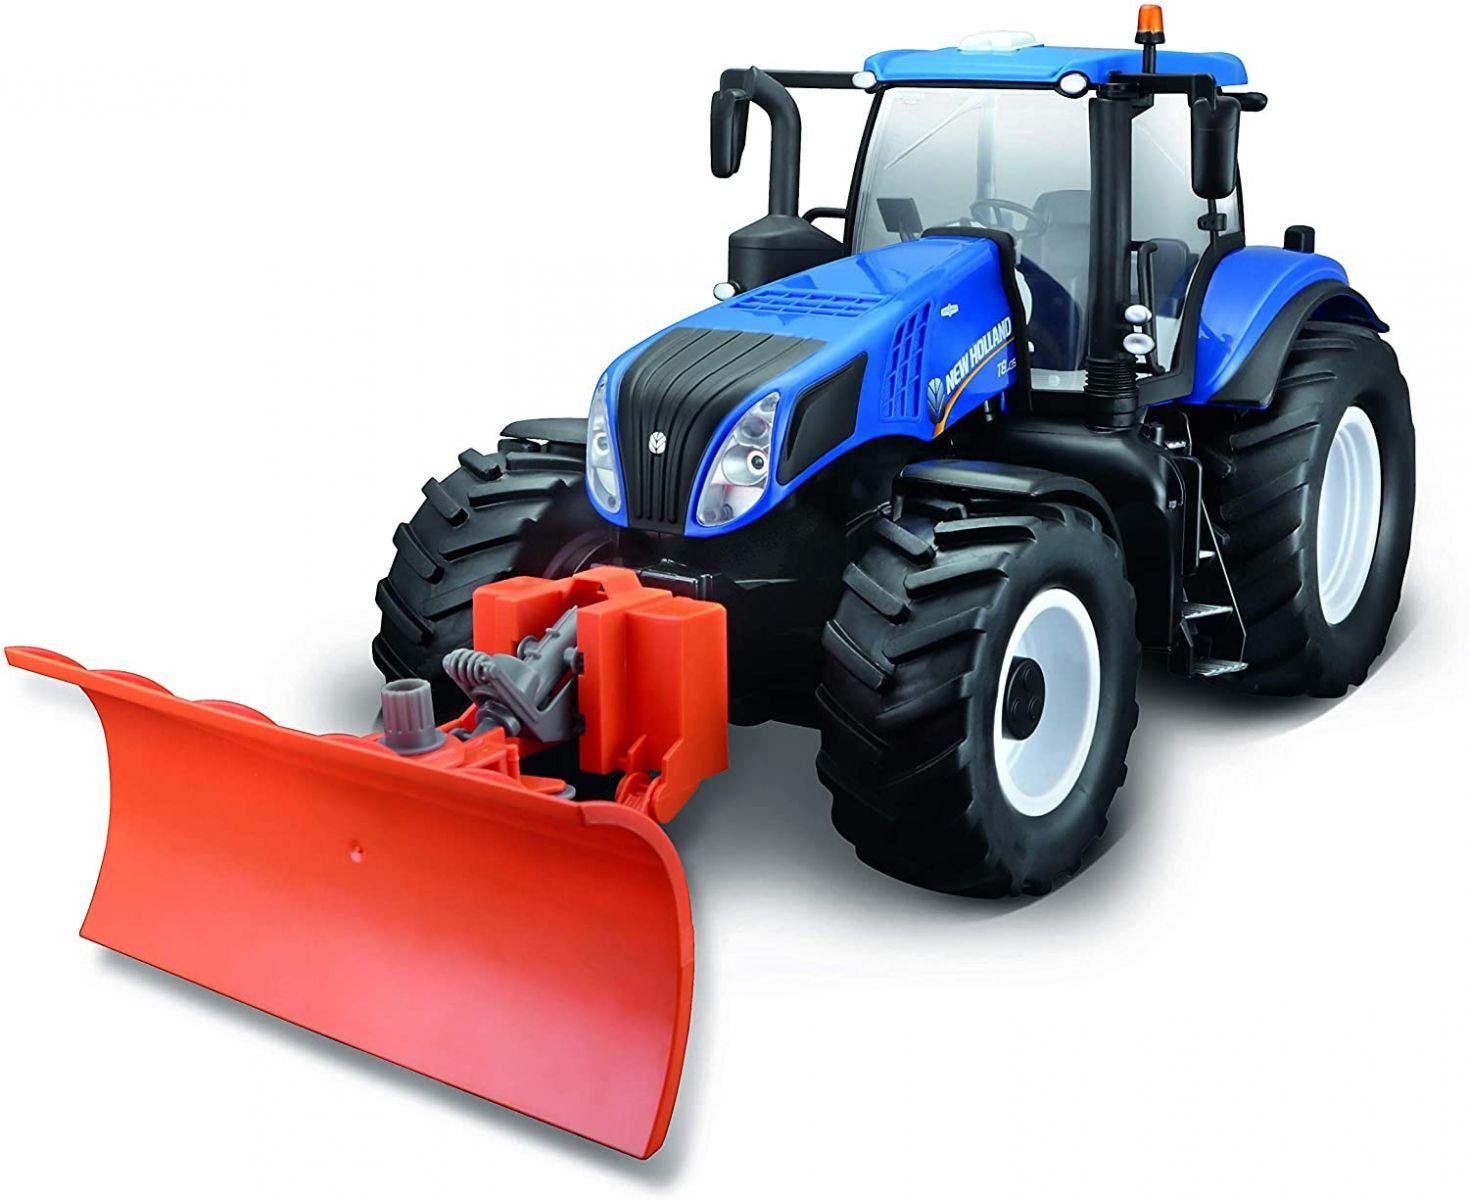 Traktor New Holland zdalnie sterowany ze spychaczem